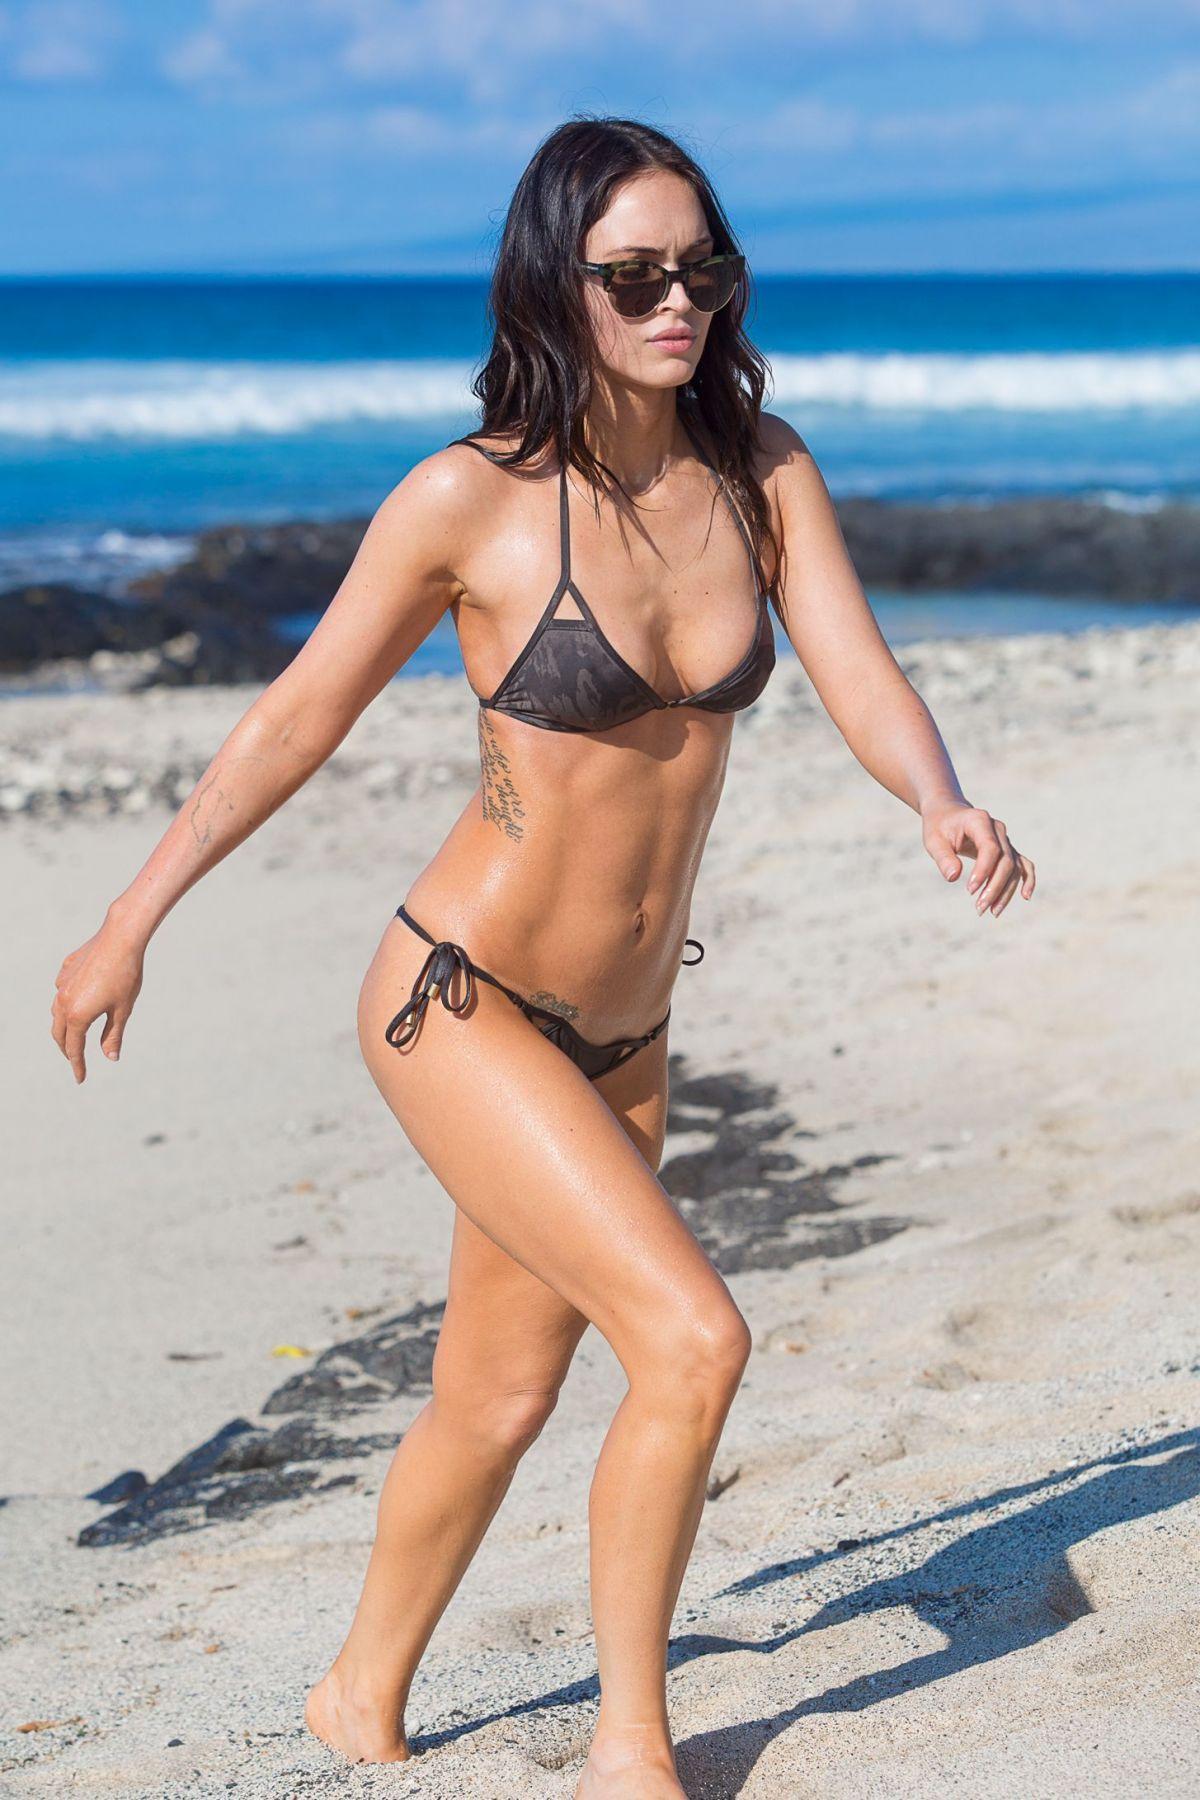 MEGAN FOX in Bikini on the Beach in Hawaii - HawtCelebs